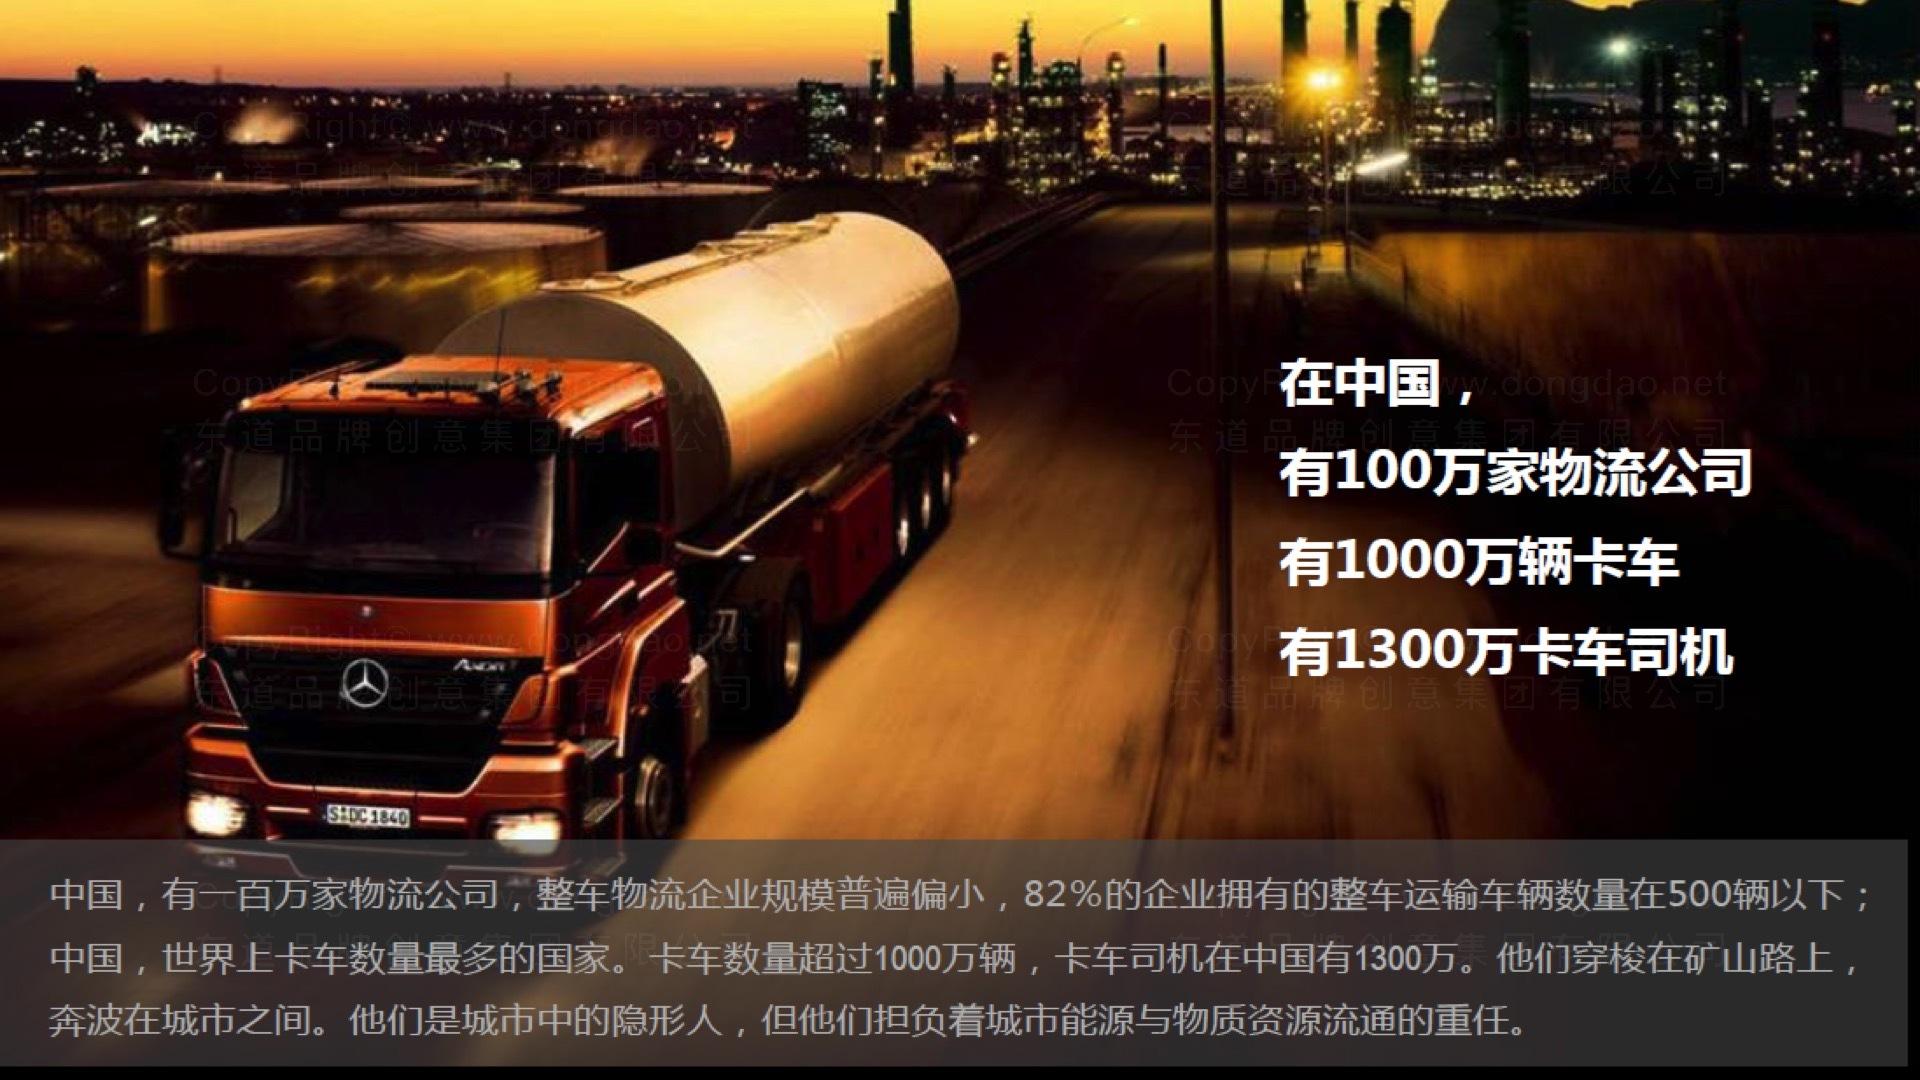 品牌战略&企业文化联合卡车联合卡车品牌战略规划应用